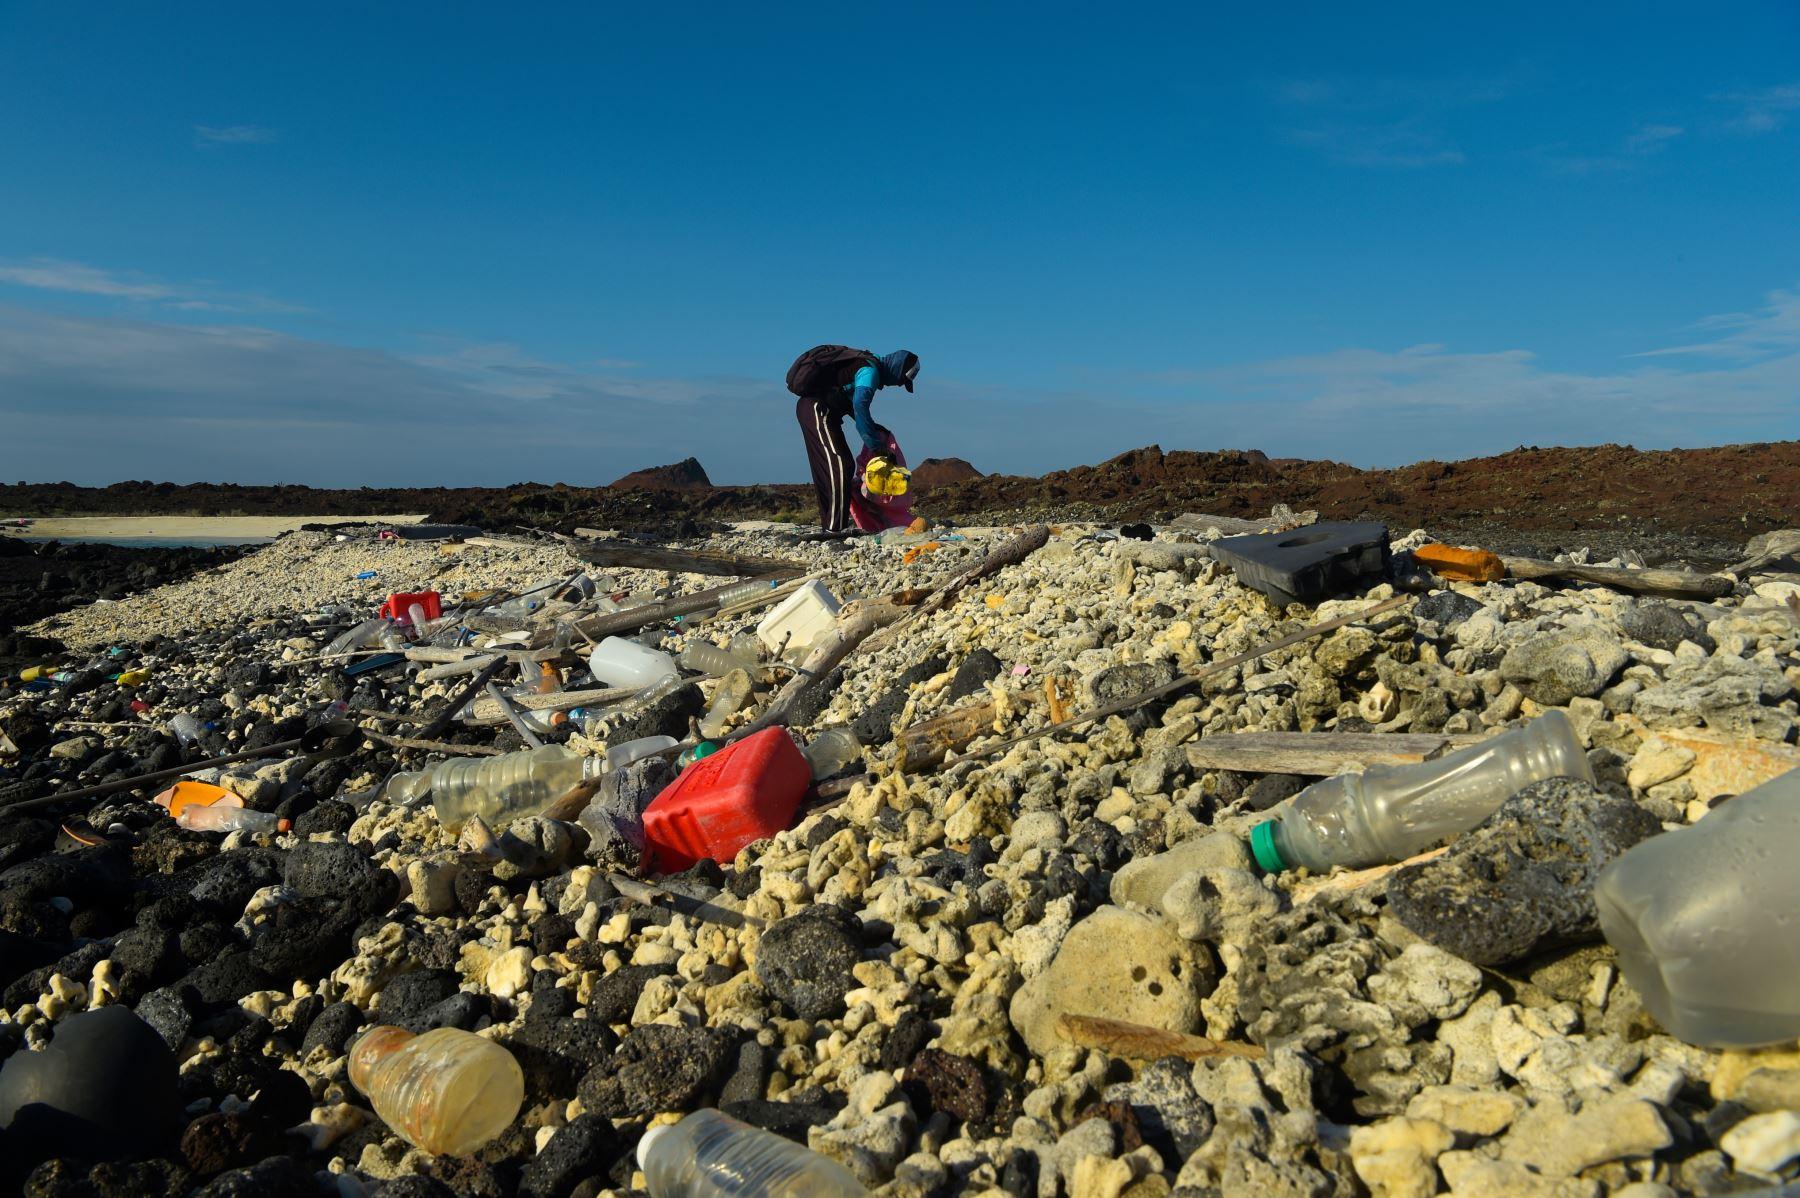 Un voluntario recolecta basura en la costa de la isla Isabela en el archipiélago de Galápagos en el Océano Pacífico, a 1000 km de la costa de Ecuador.Foto: AFP